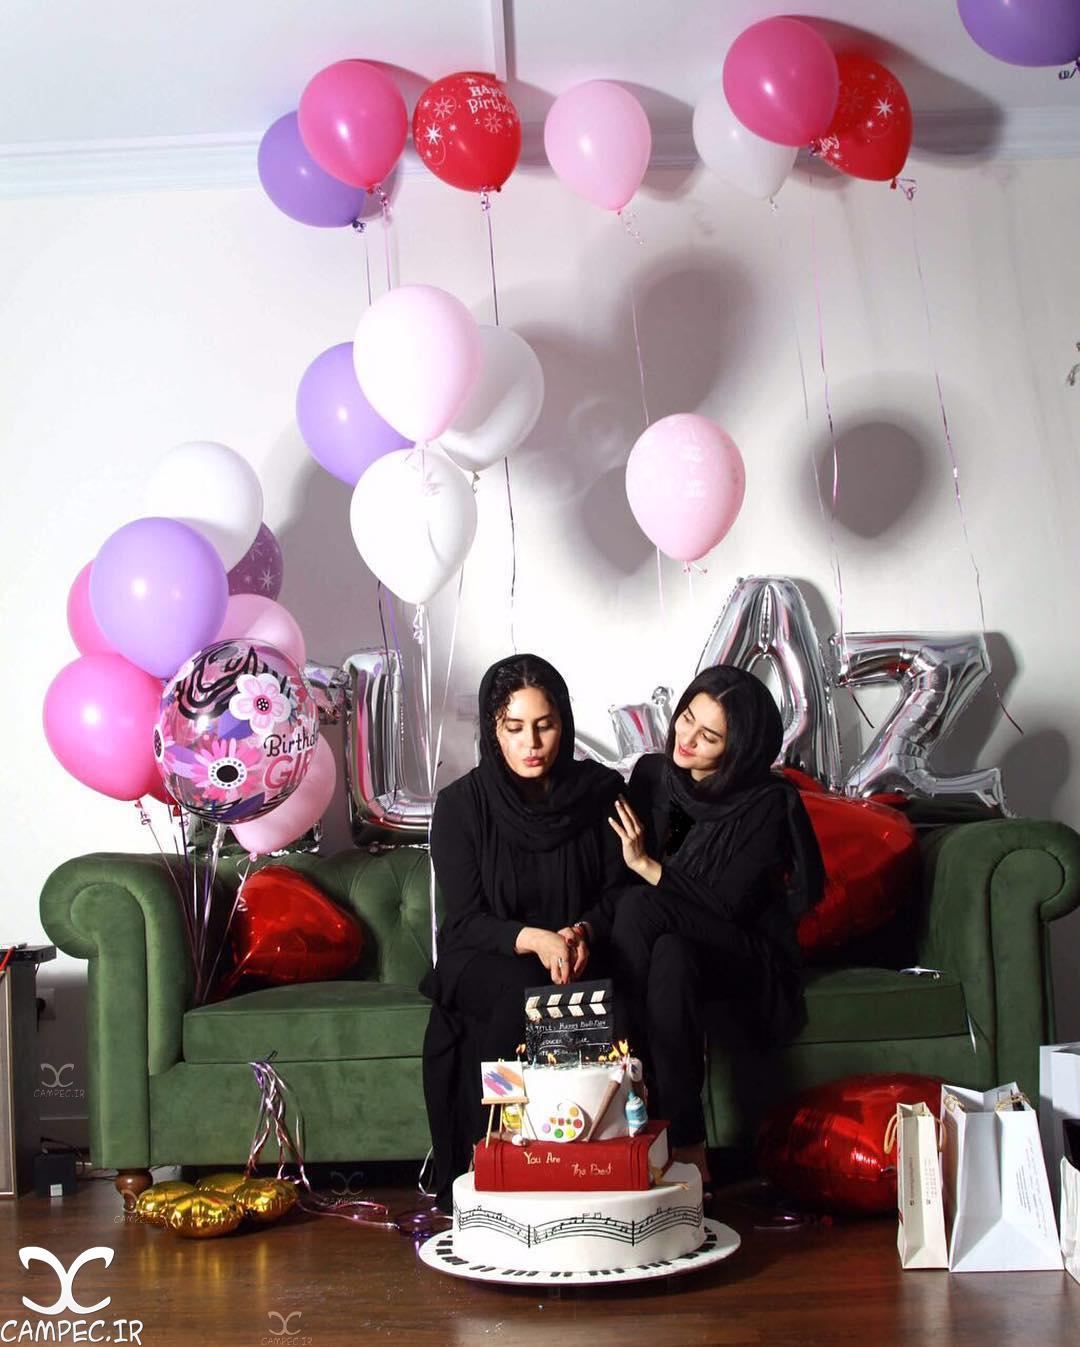 الناز شاکردوست و خواهرش در روز تولدش